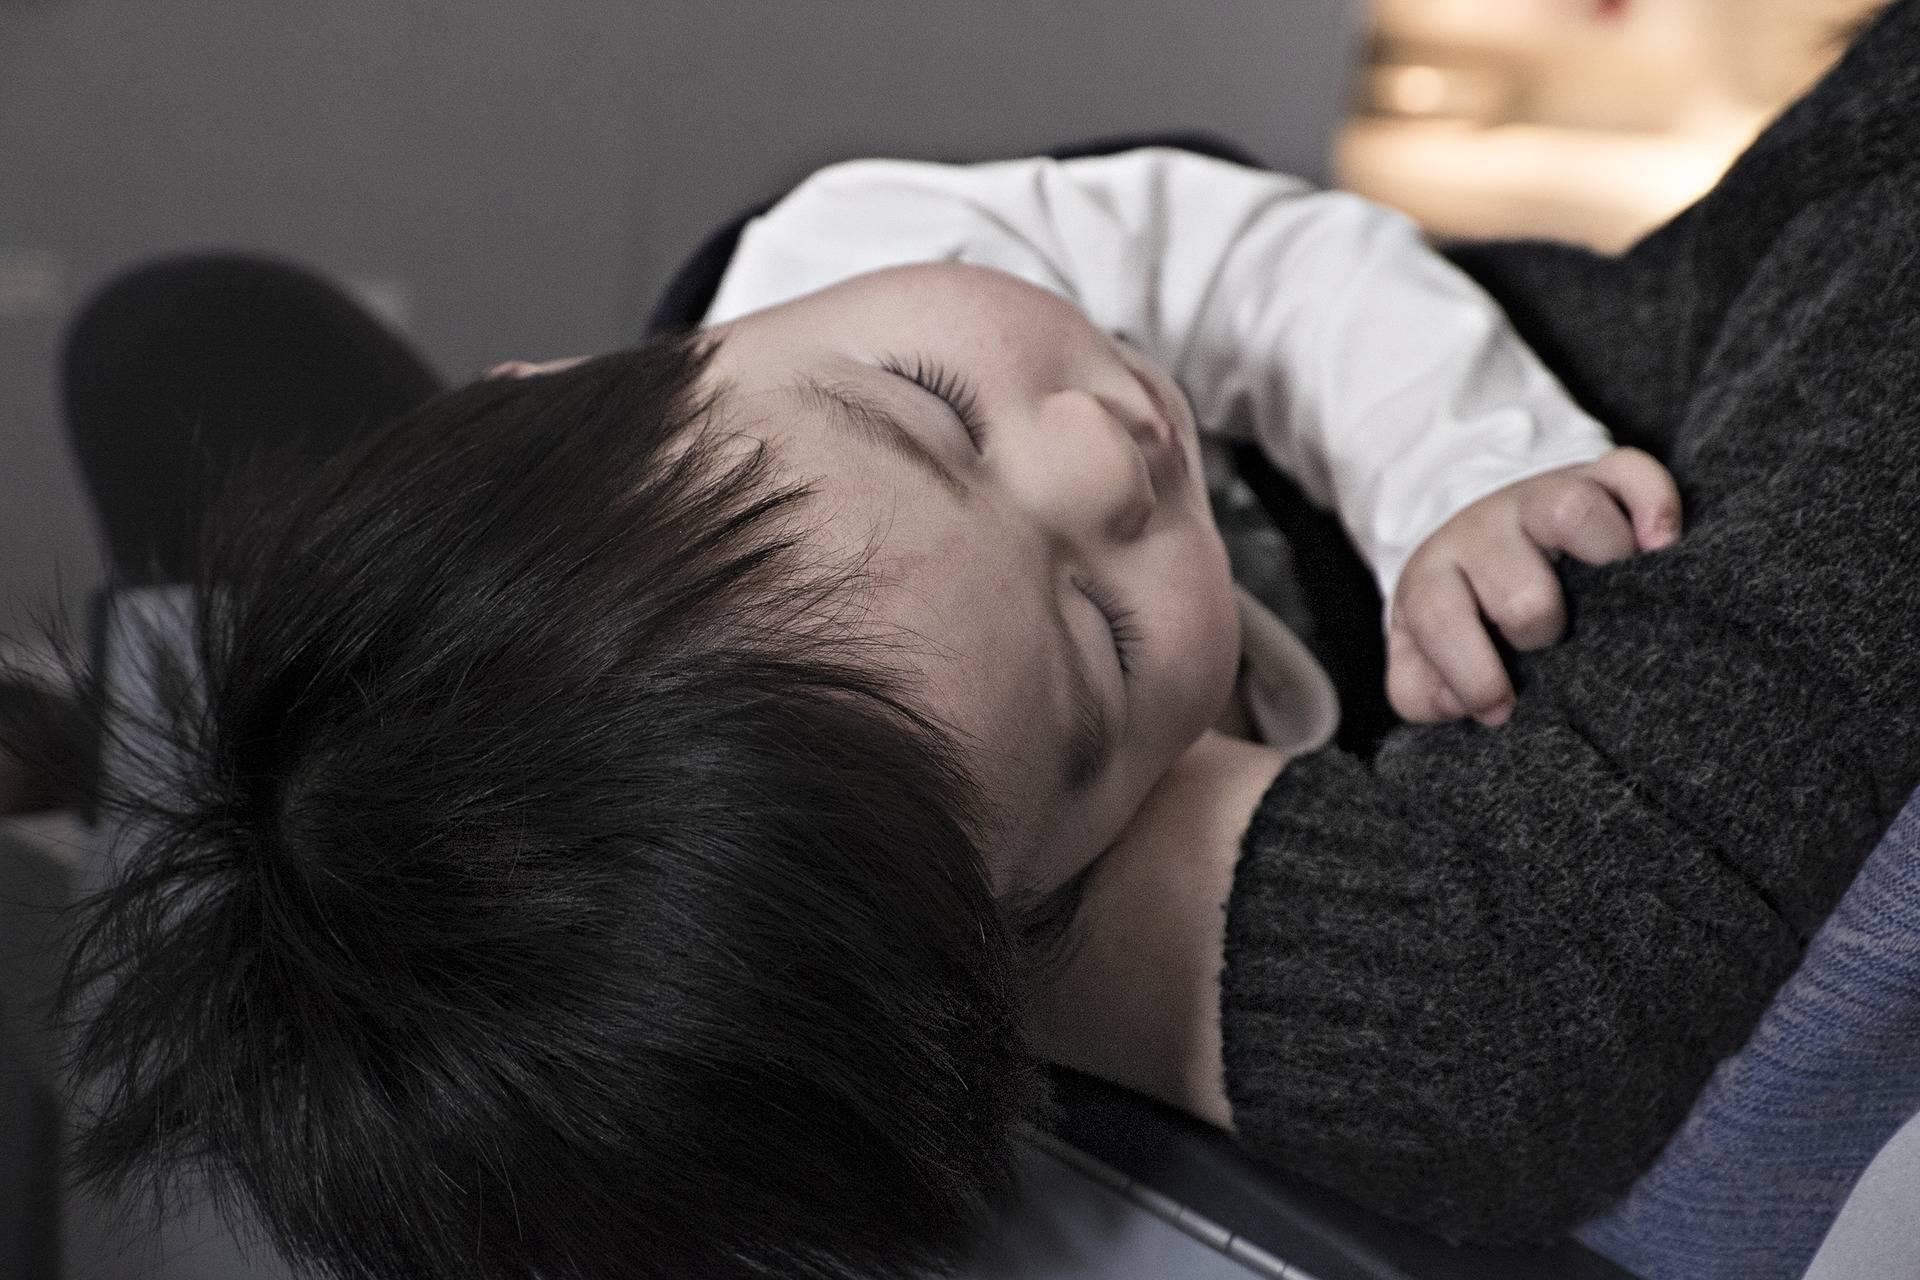 Сильно плачет перед сном - ребенок плачет перед сном - запись пользователя лена (lisena0206) в сообществе здоровье новорожденных в категории сон новорожденного - babyblog.ru